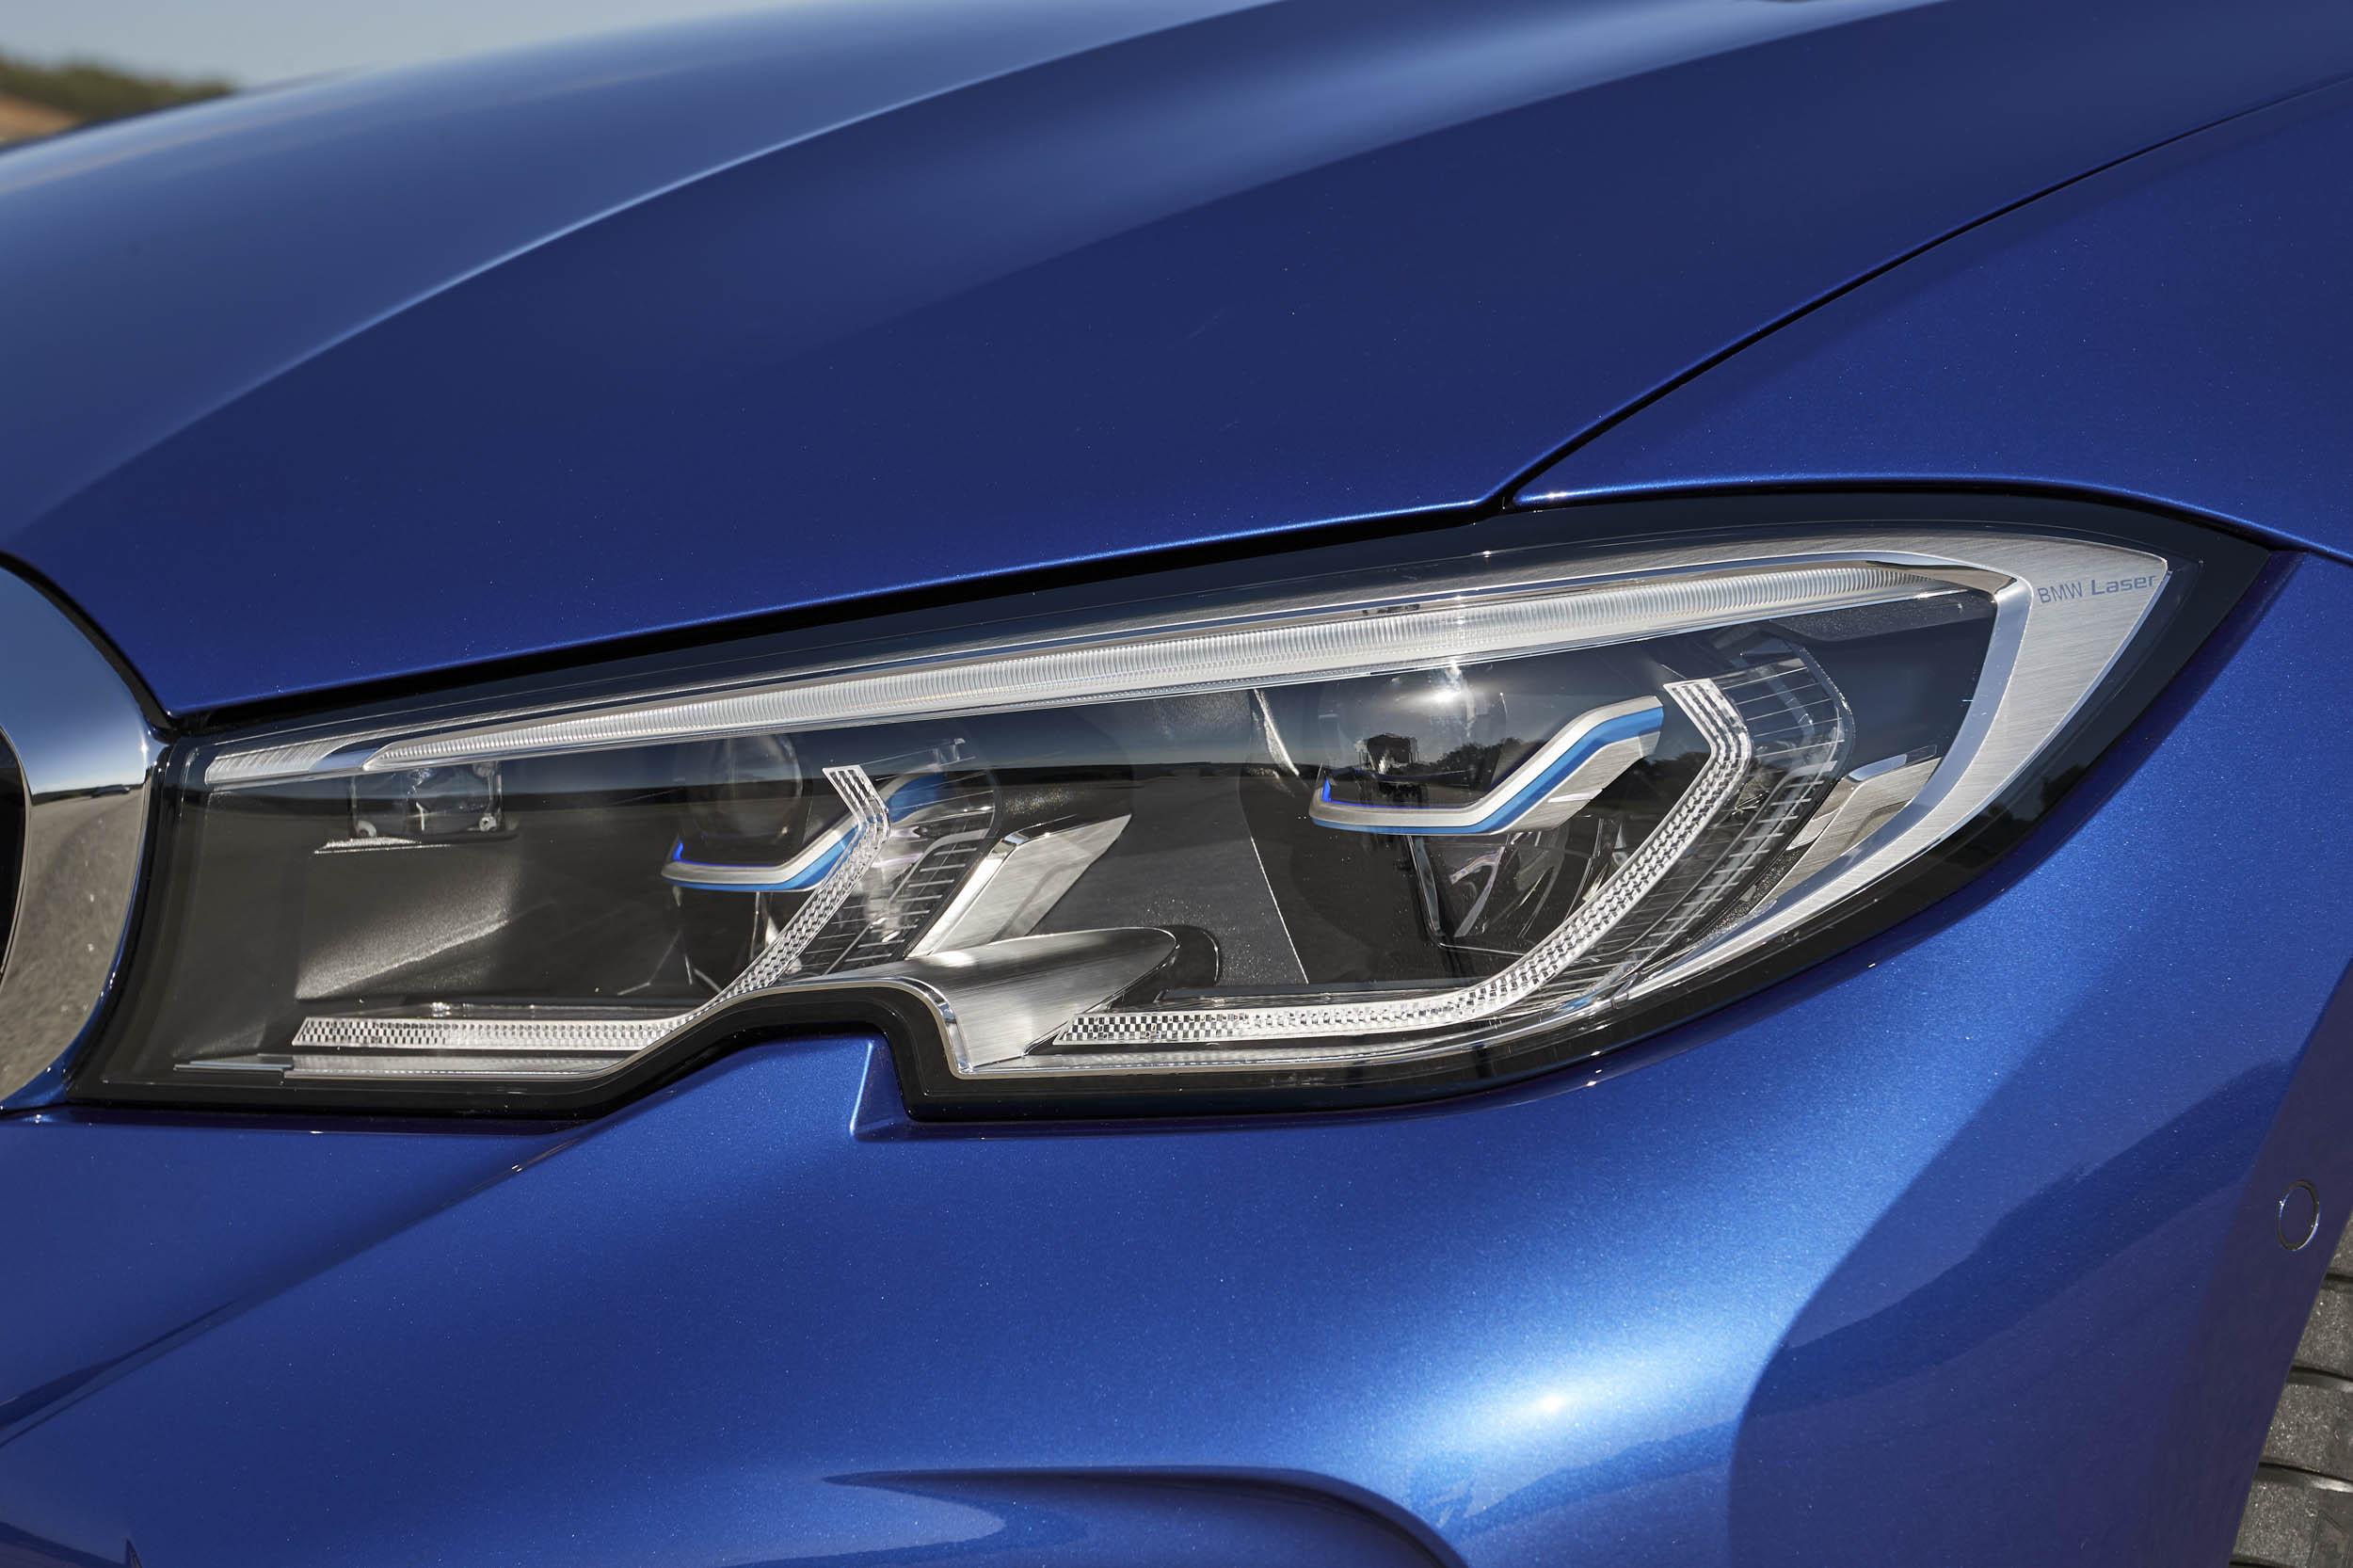 2019 BMW 330i M Sport headlight detail